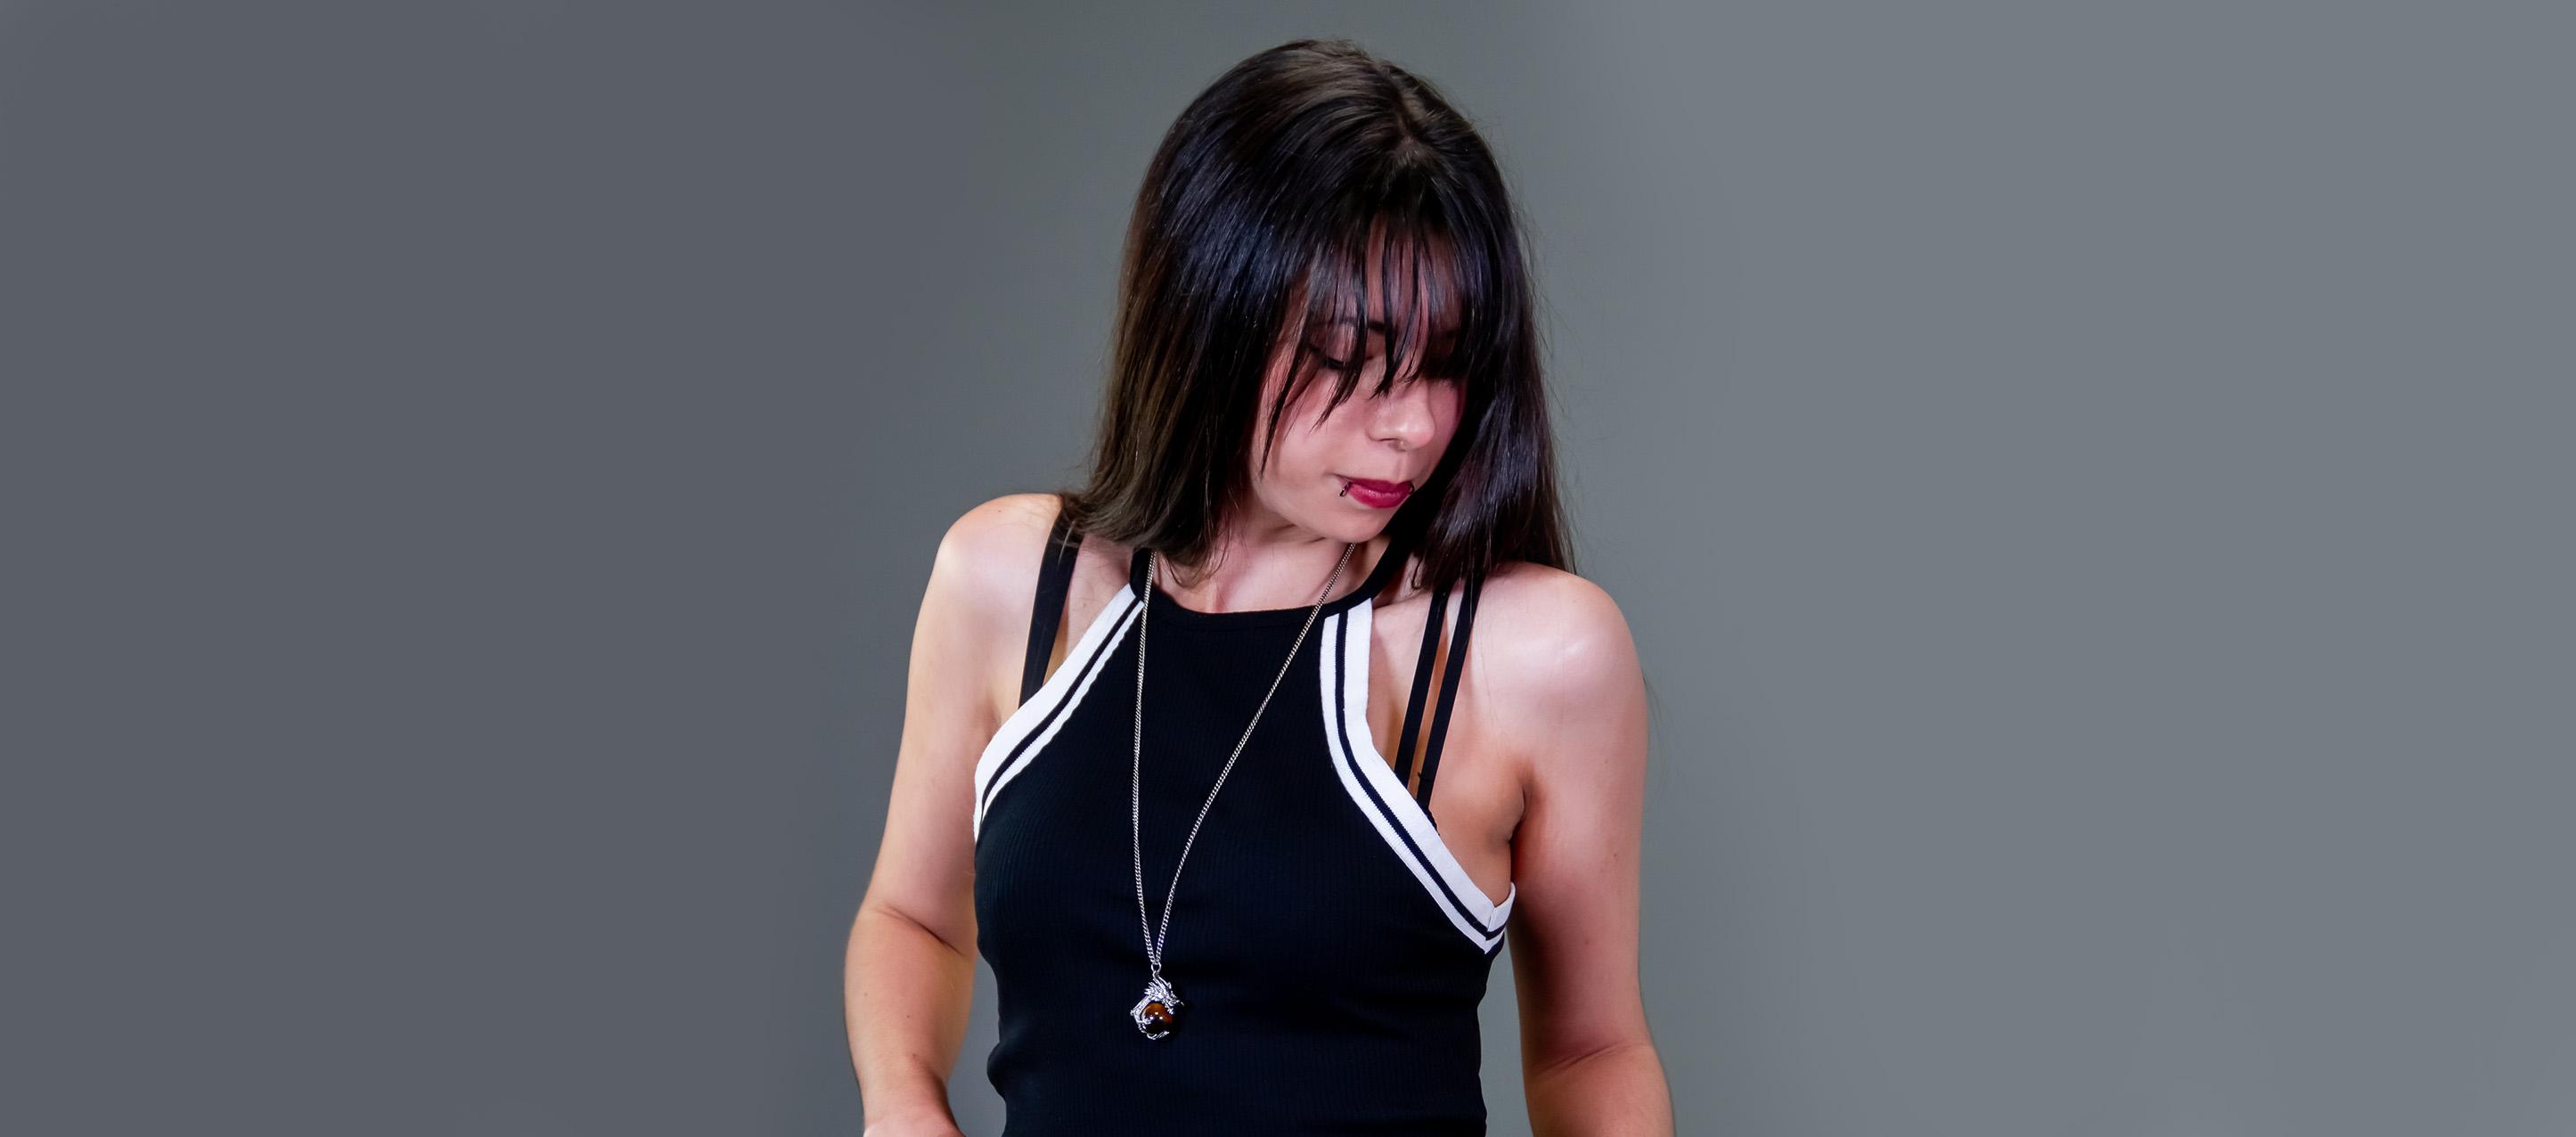 Maïline Duarte Mauricio : un terrible combat contre la boulimie et l'anorexie